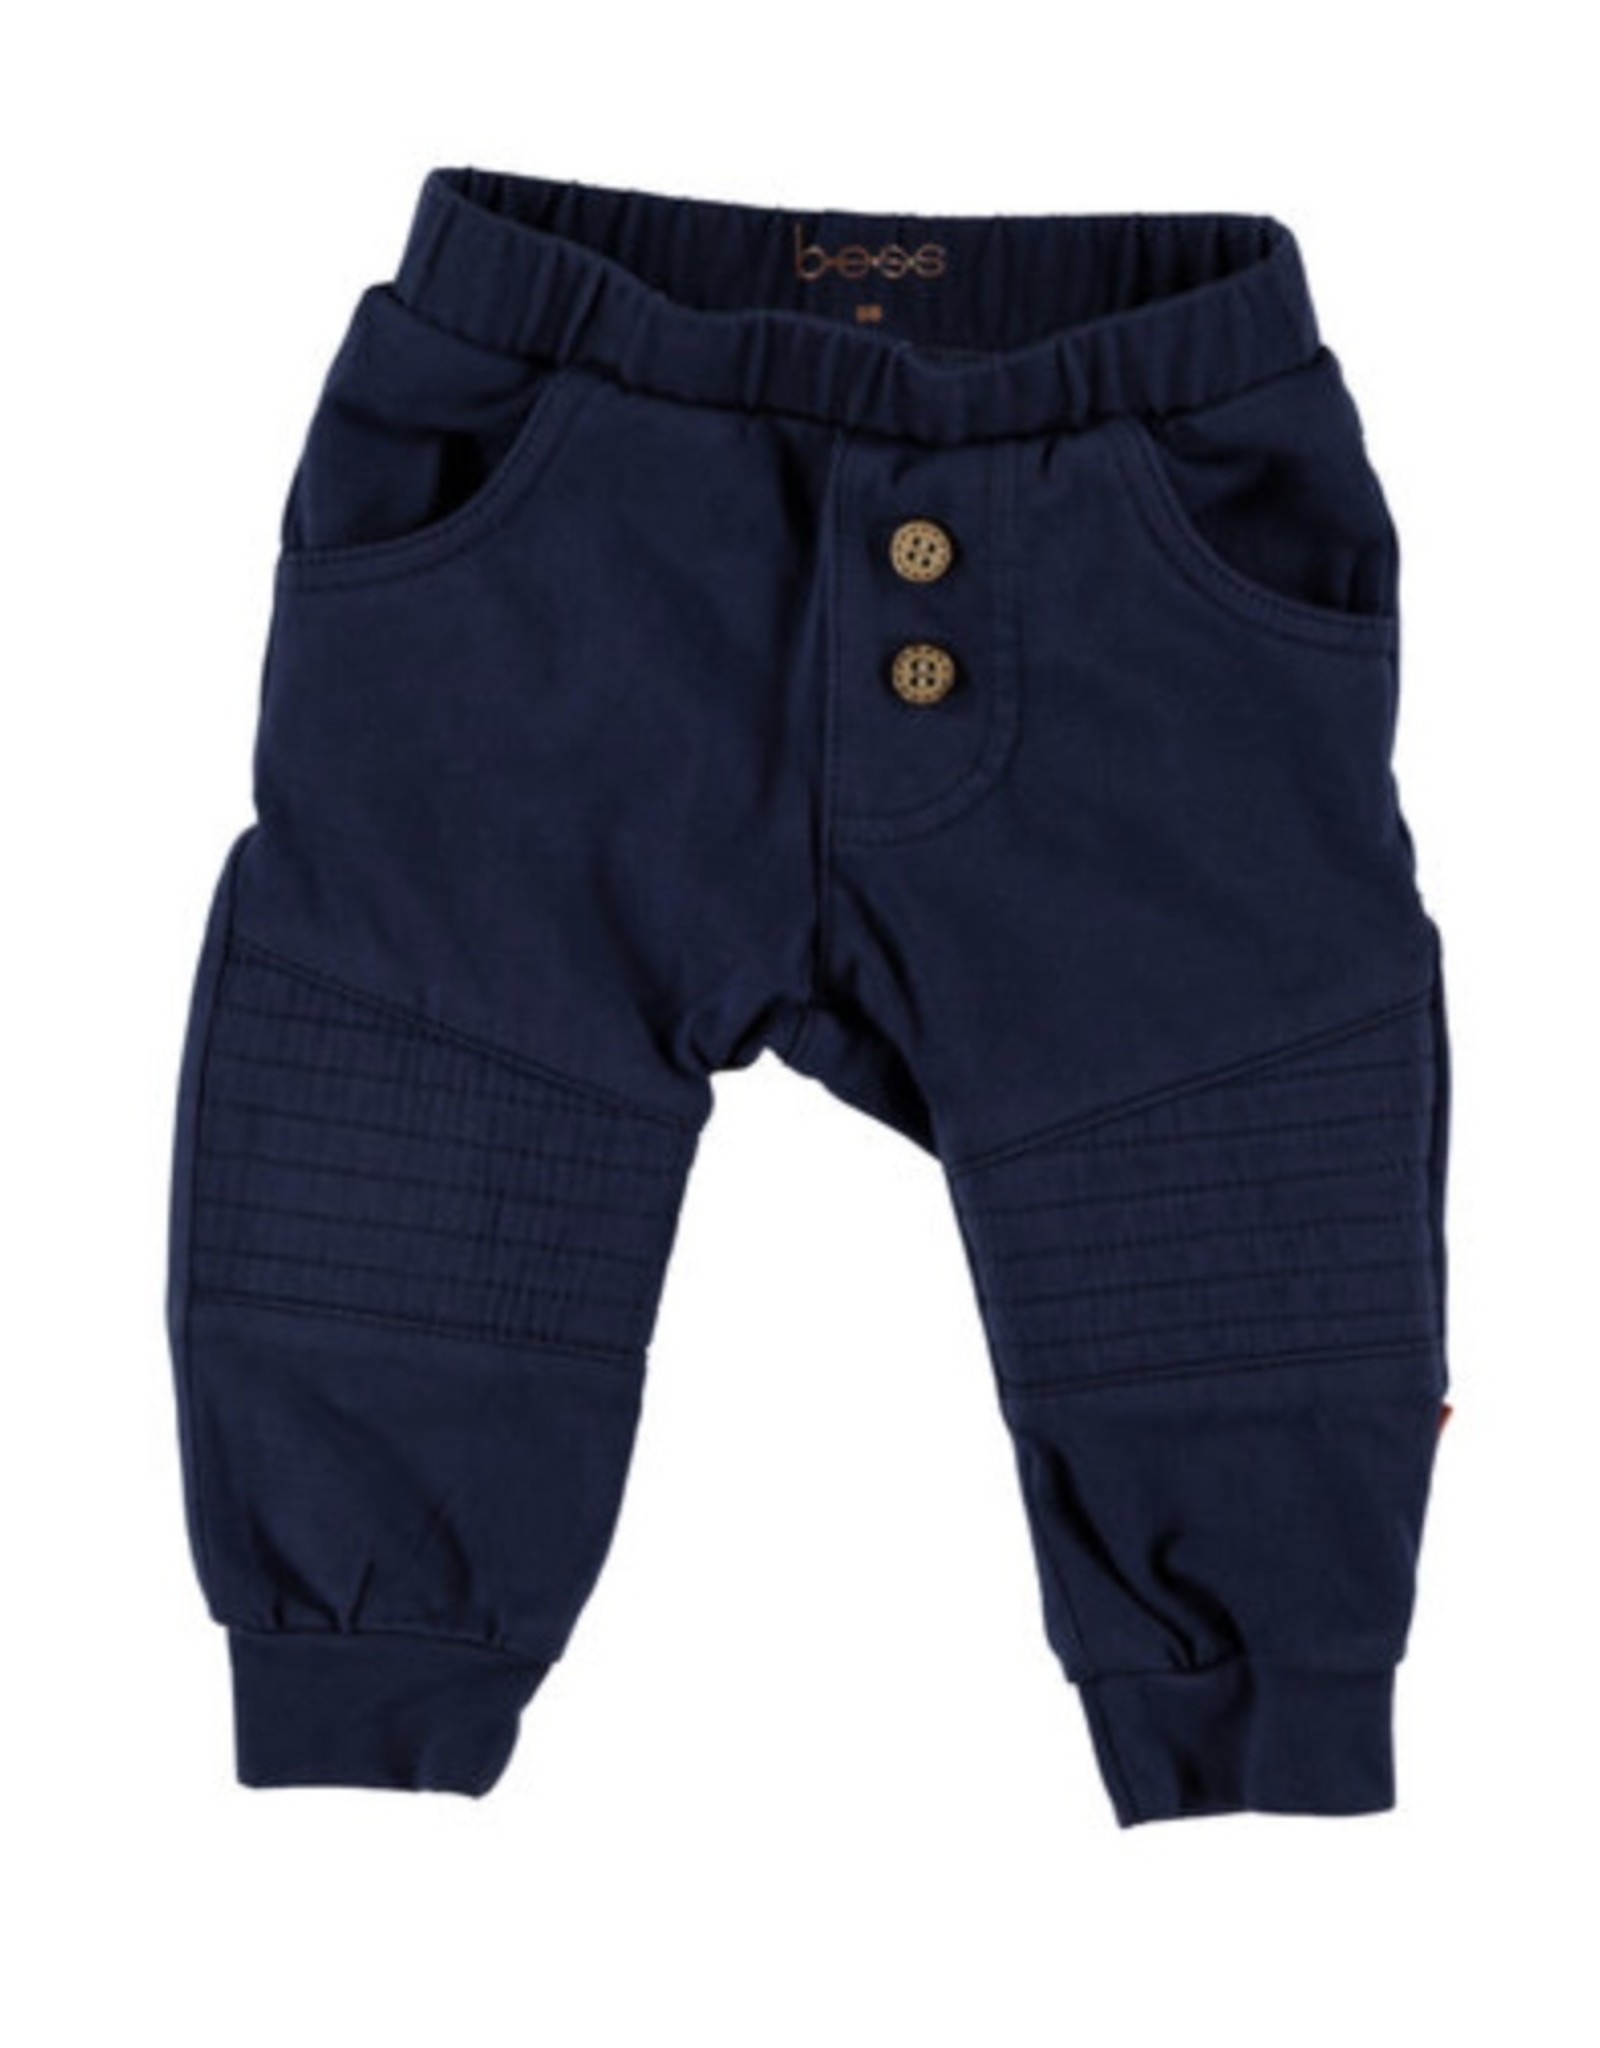 B*E*S*S 21029 Pants